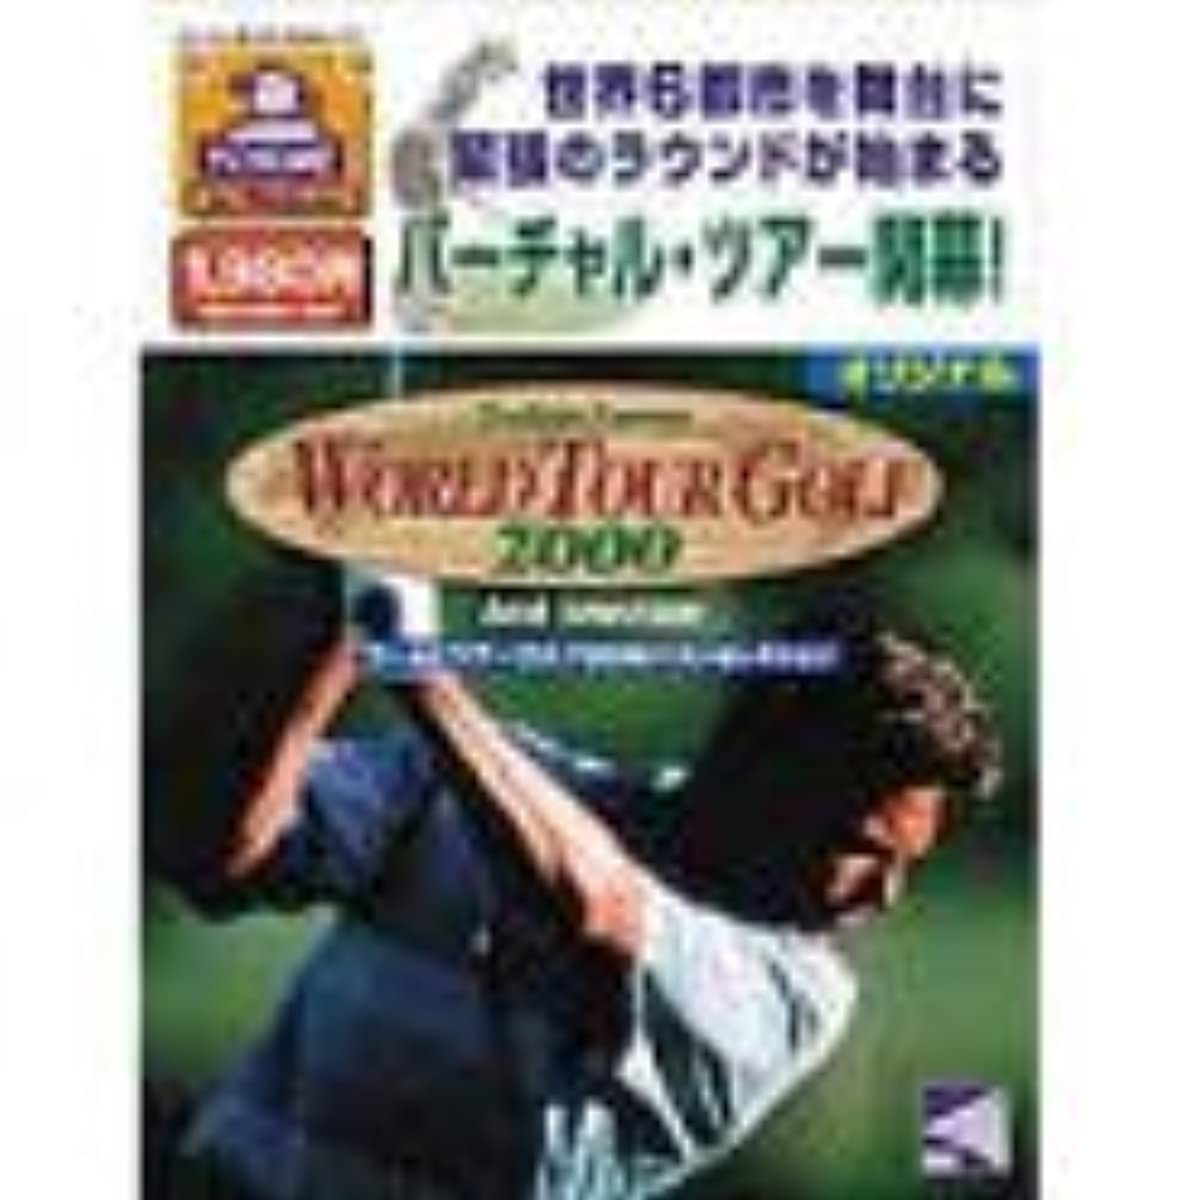 つかの間費用セッティングワールドツアーゴルフ2000 ベストセレクション